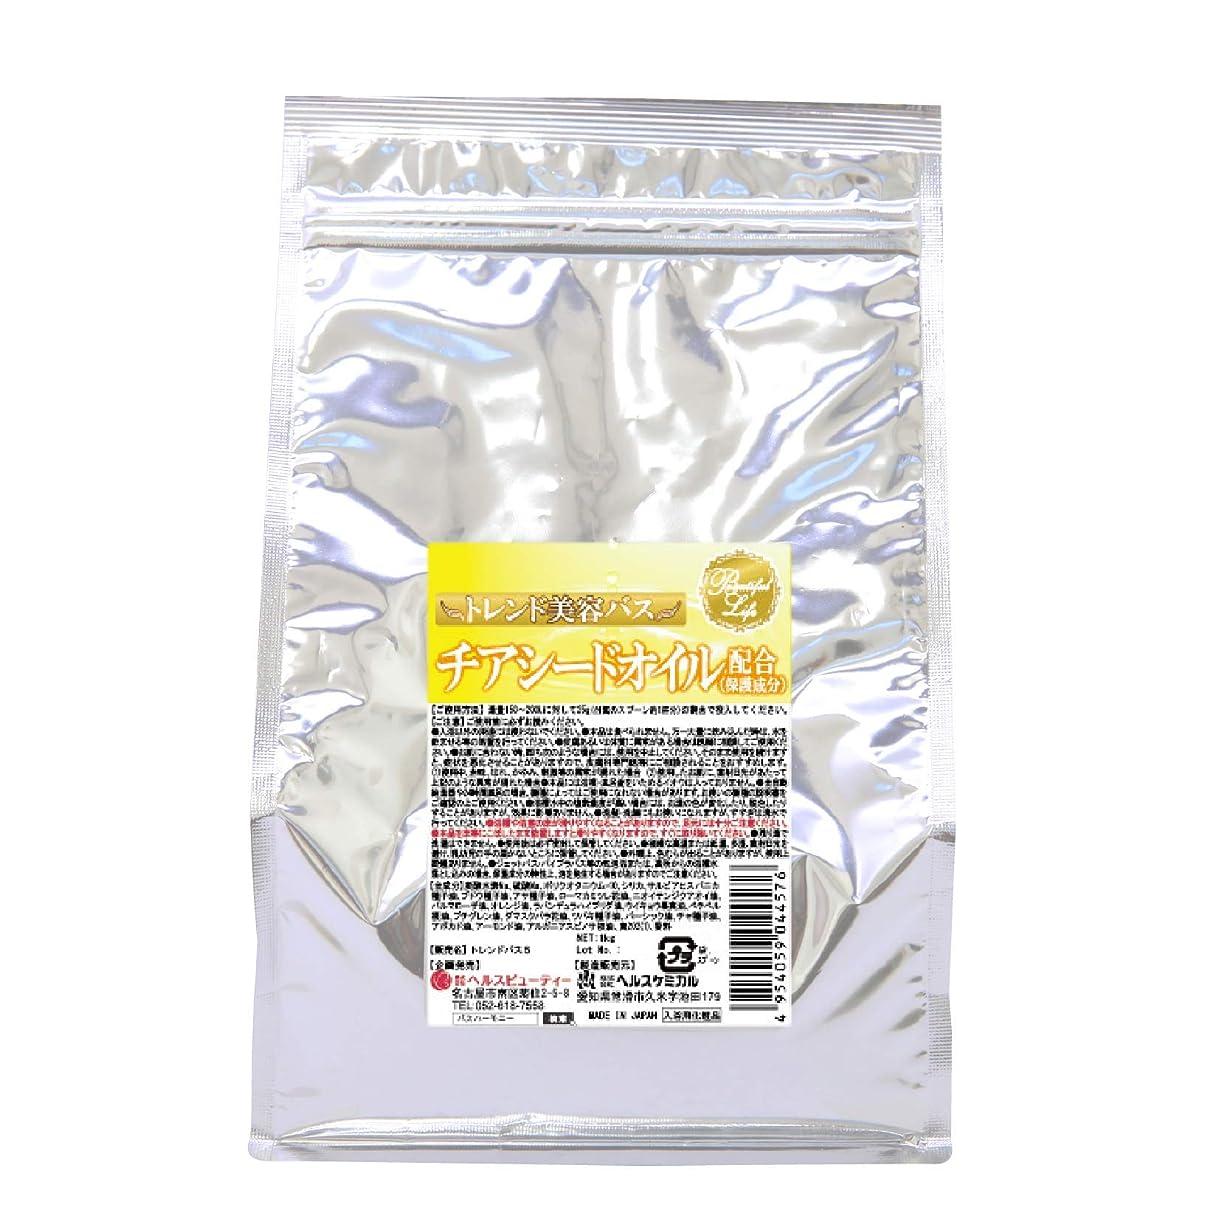 浮く一次安西入浴剤 湯匠仕込 チアシードオイル配合 1kg 50回分 お徳用